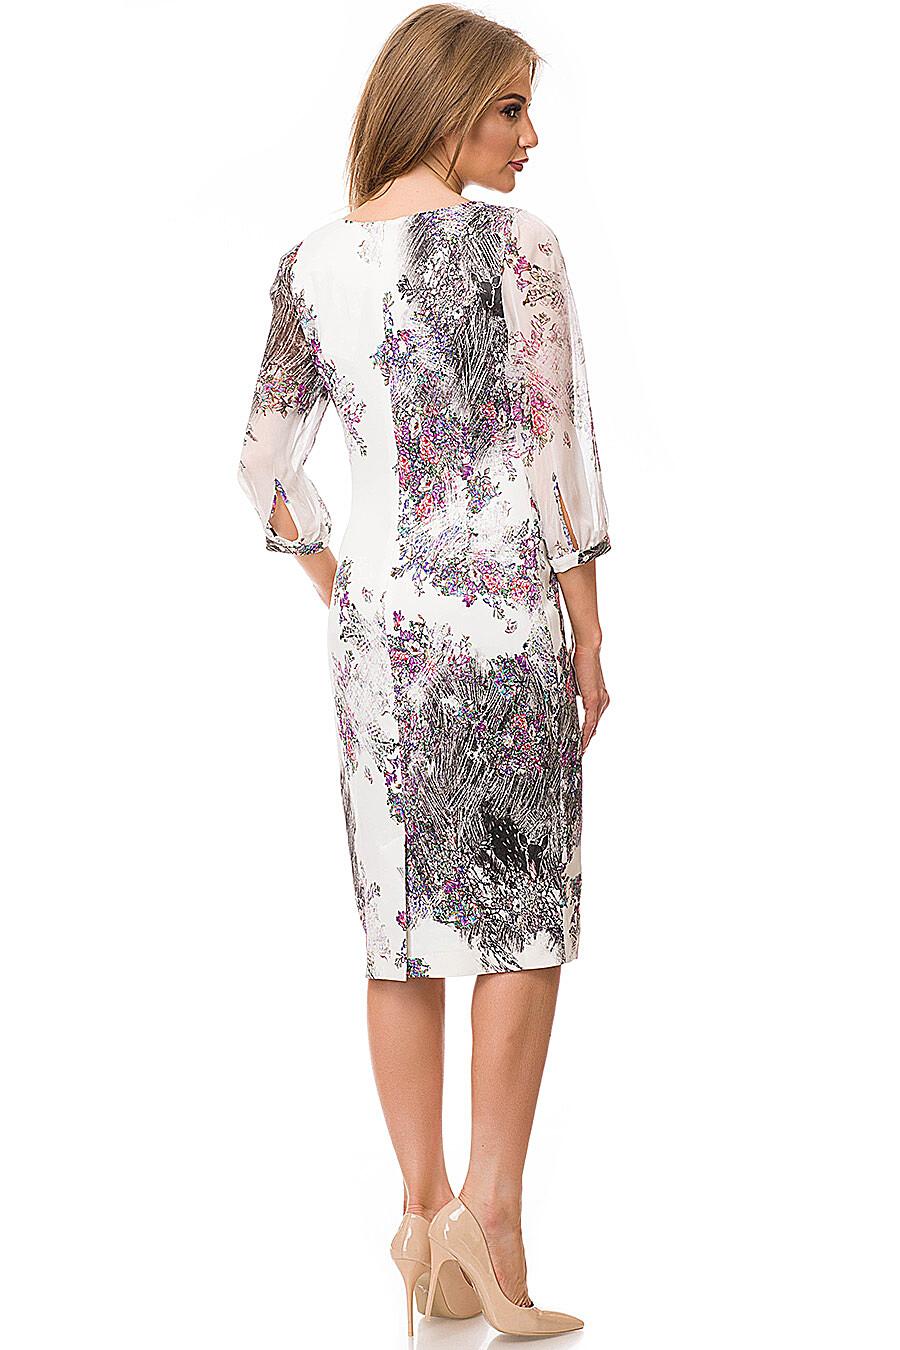 Платье Vemina (81493), купить в Moyo.moda